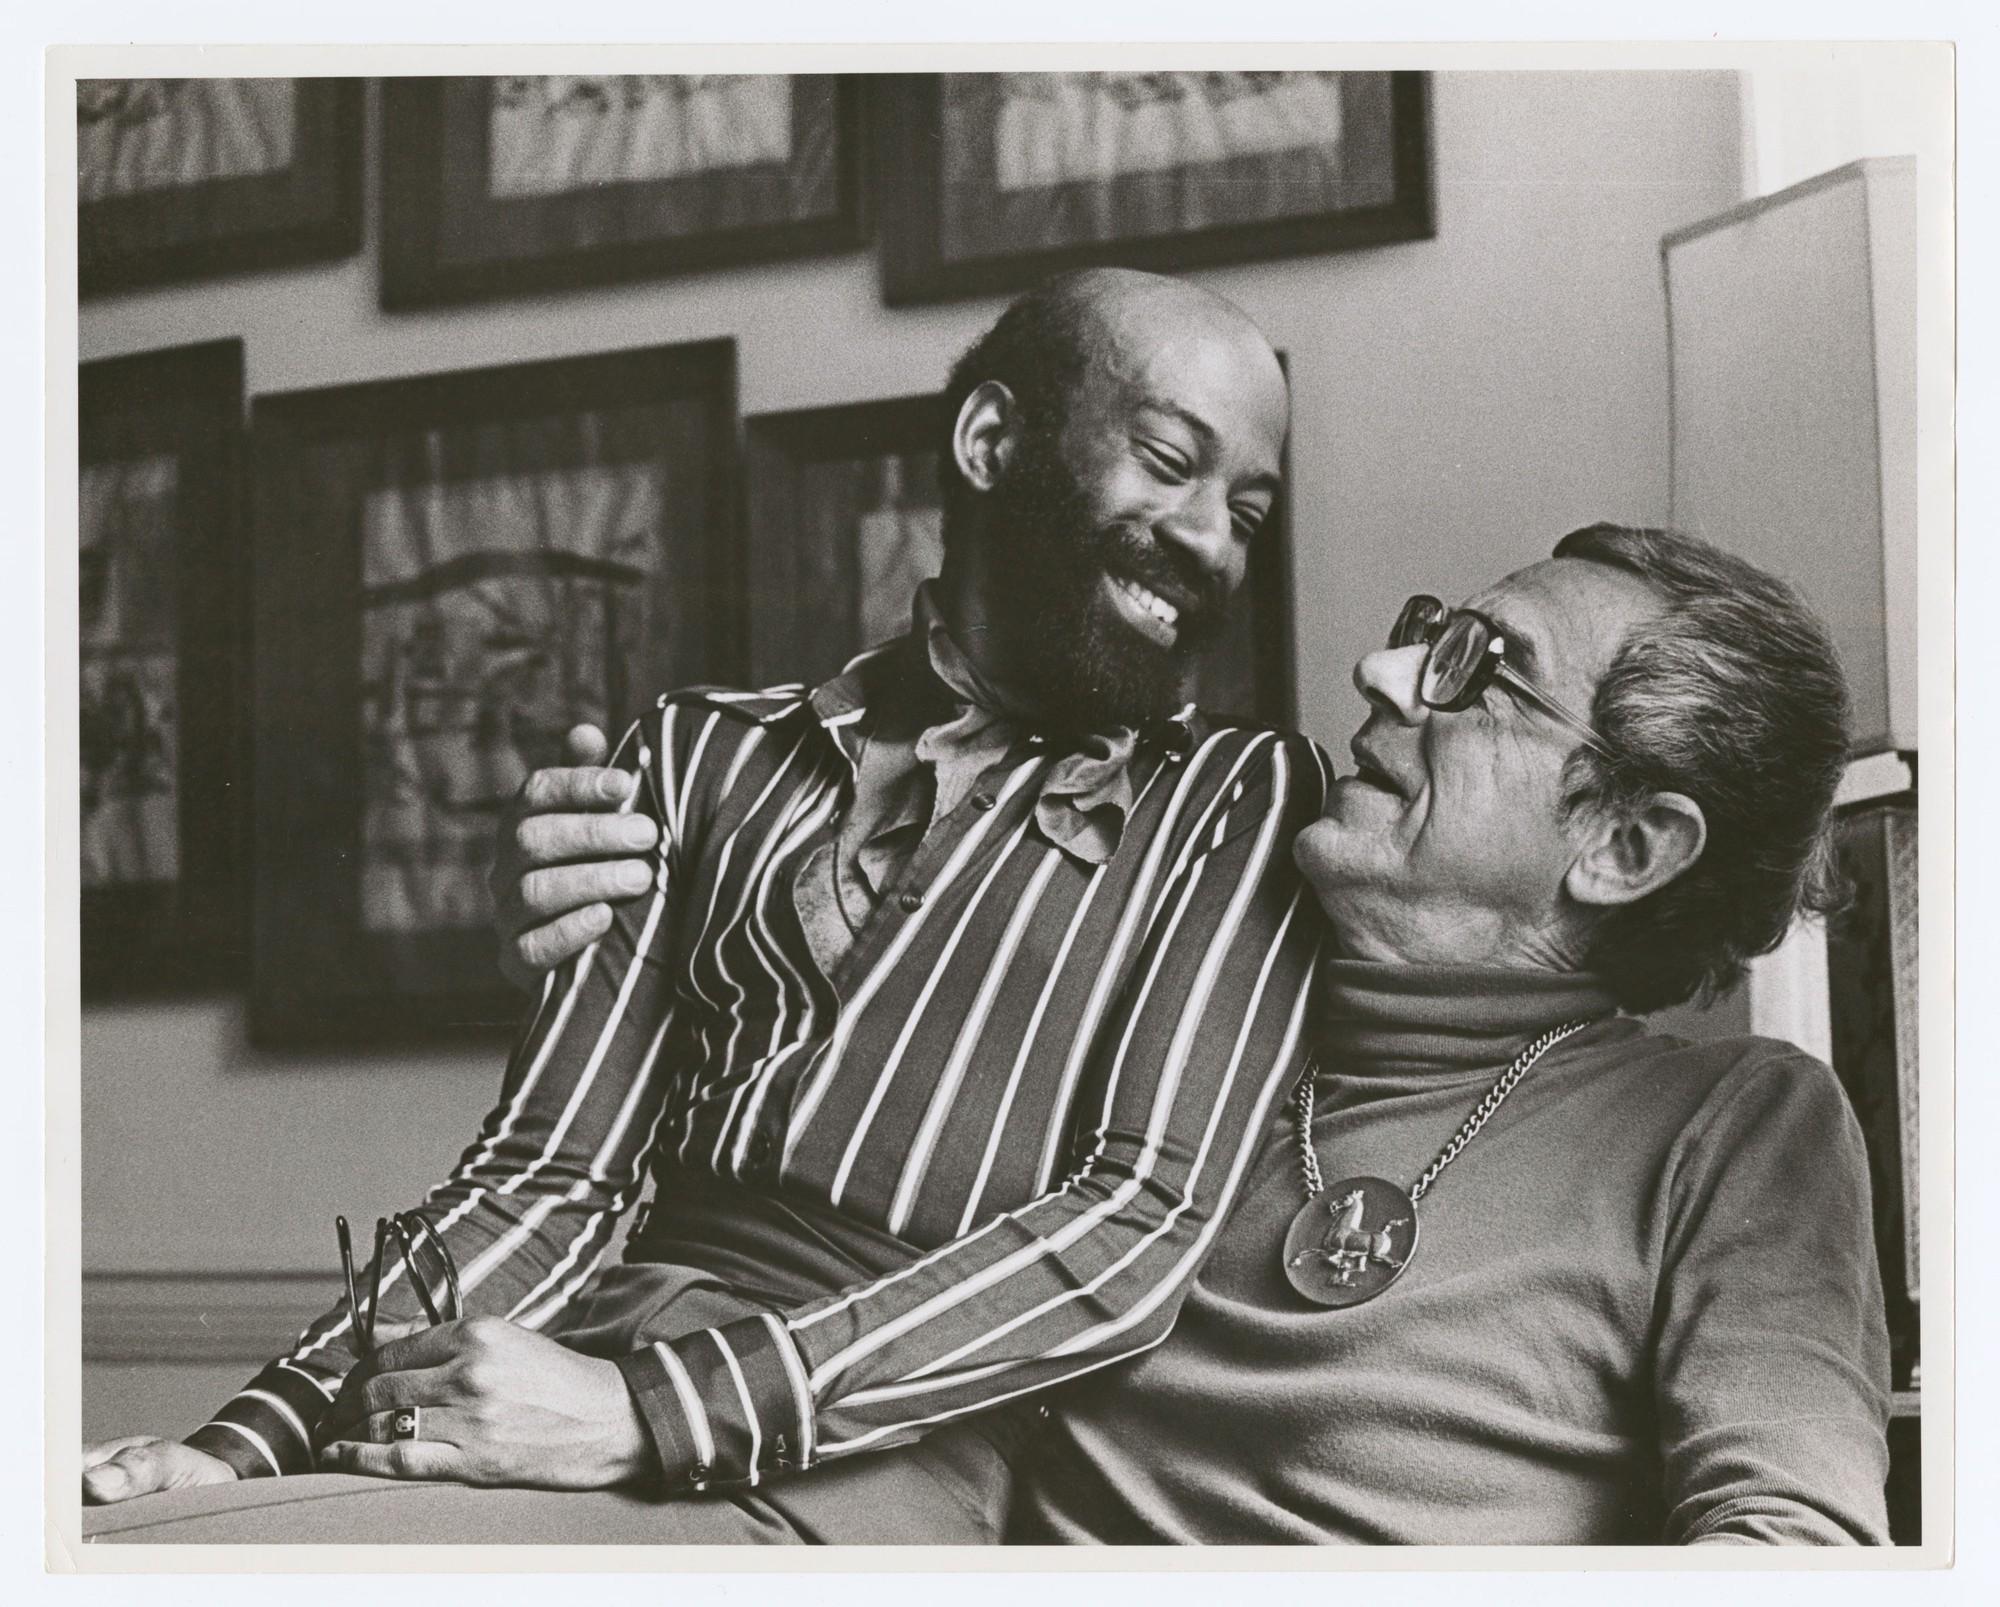 17 bức ảnh lịch sử về hành trình thay đổi của cộng đồng LGBT tại Mỹ - Ảnh 10.